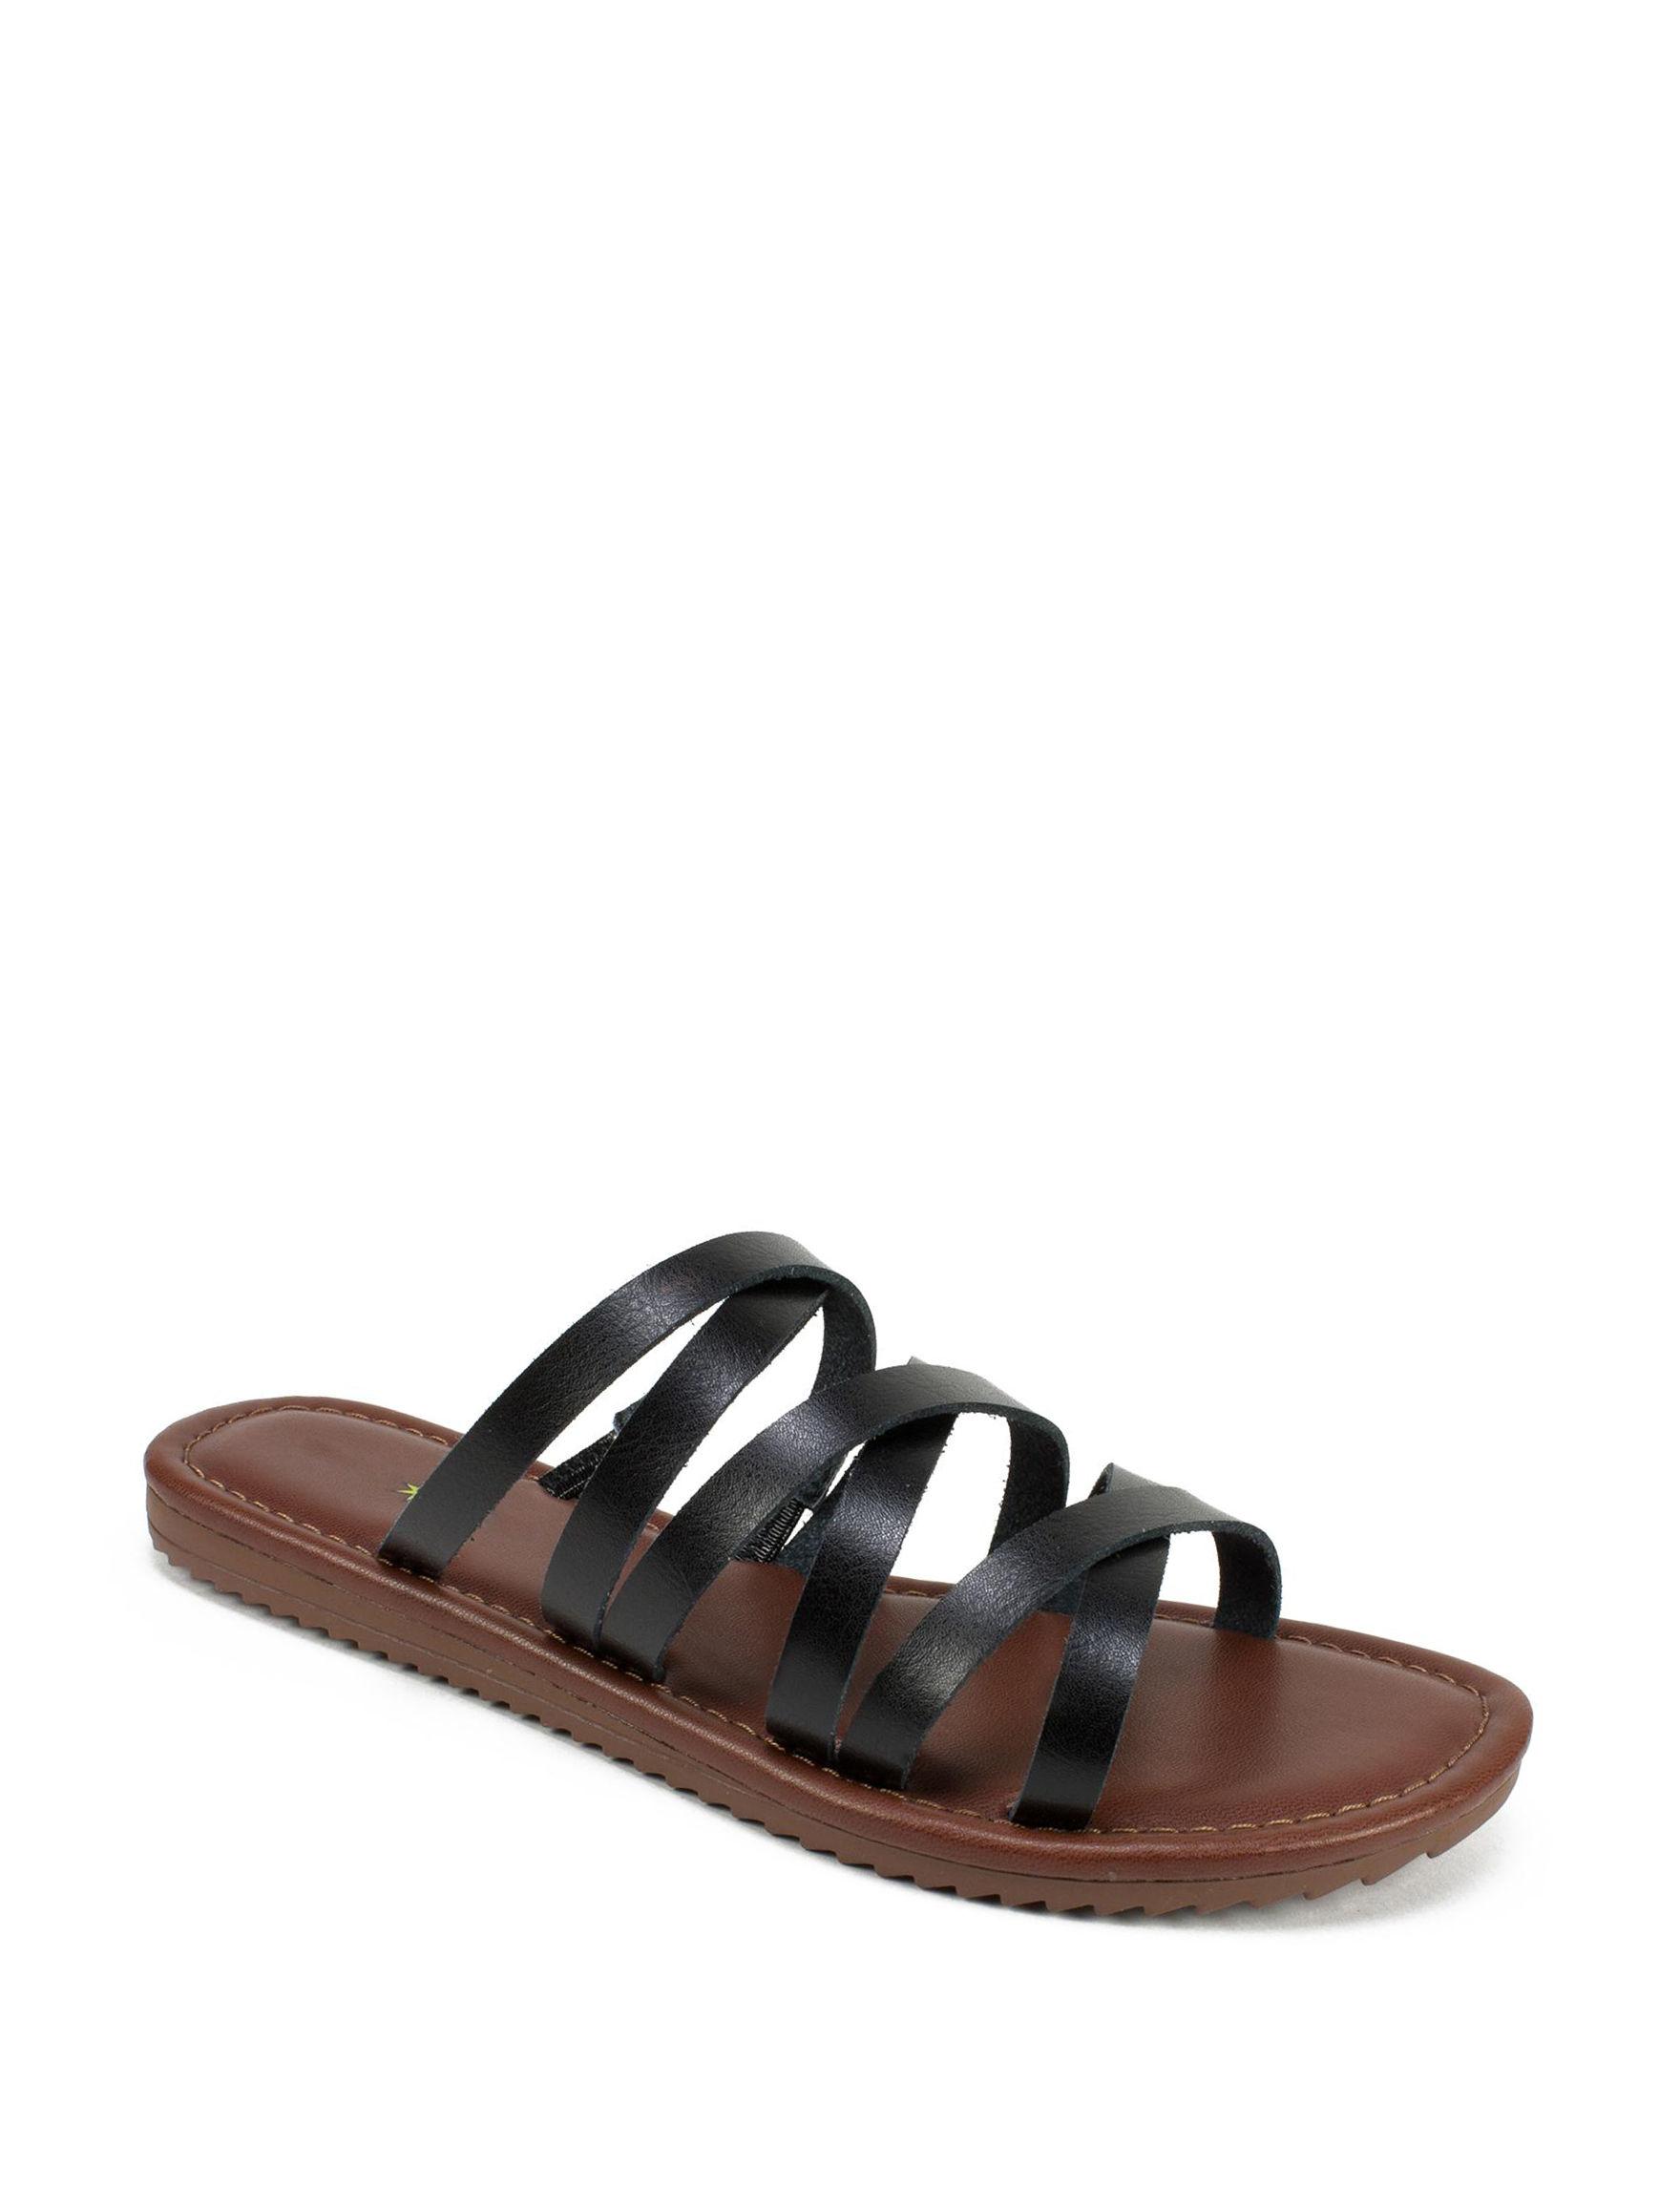 Seven Dials Black Flat Sandals